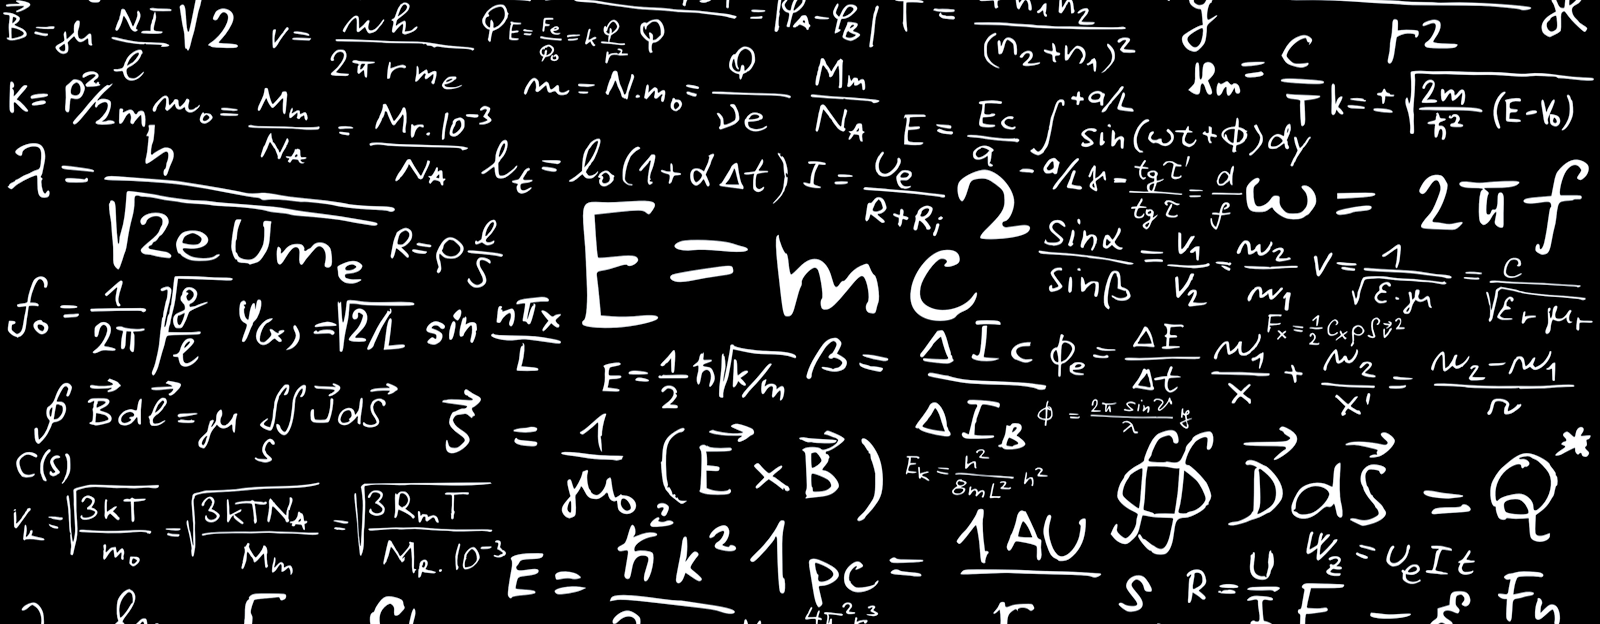 اسئلة علمية فيزيائية